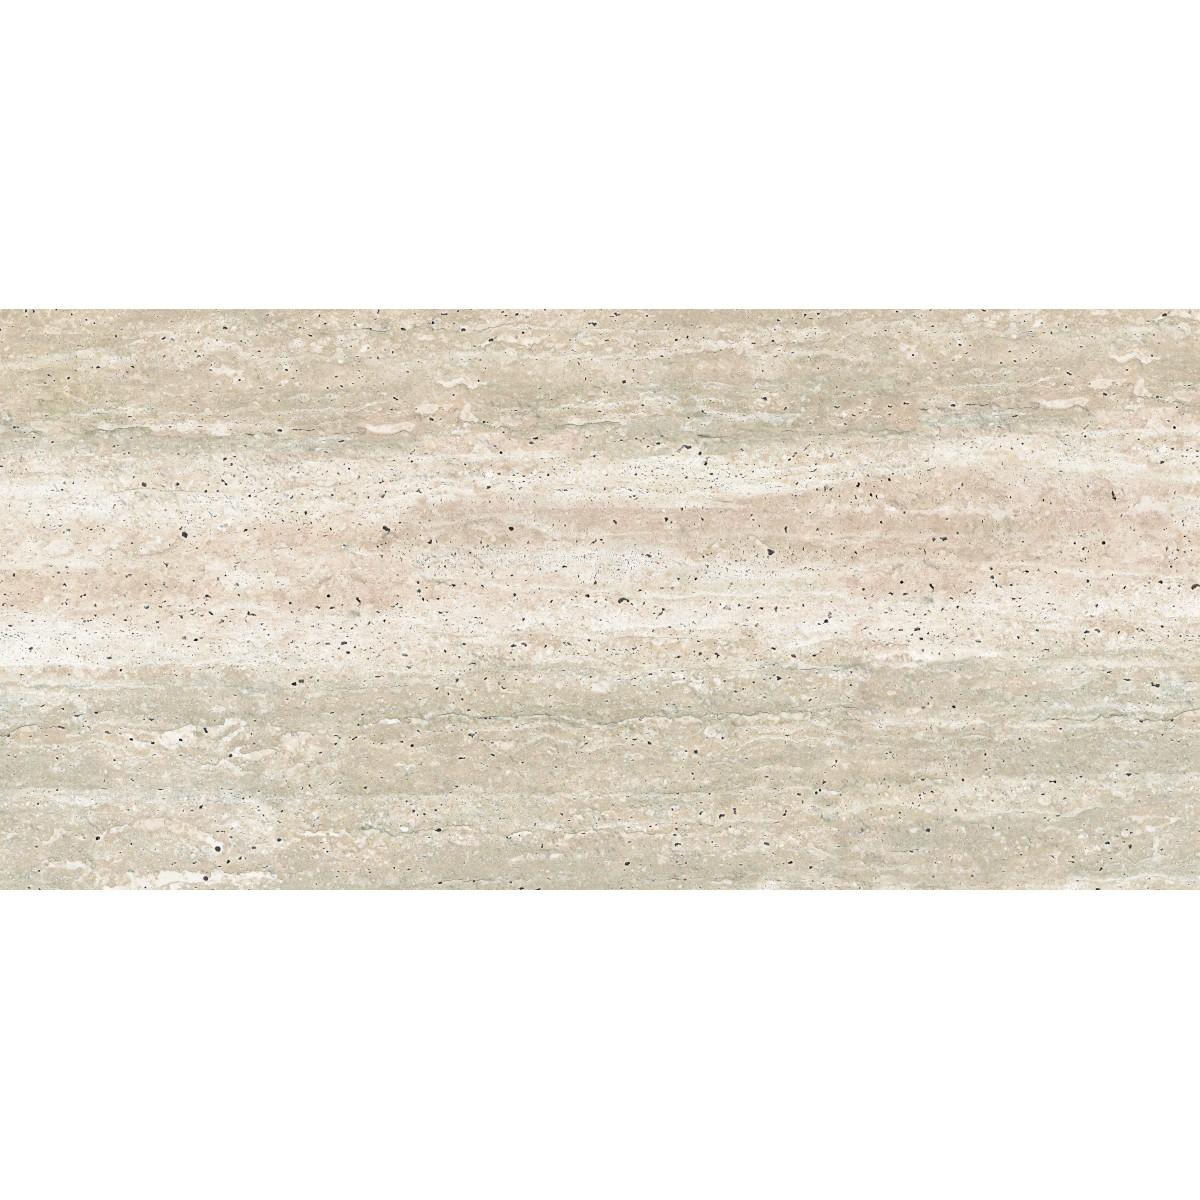 Плитка настенная Кастельон 30х60 см 1.62 м² цвет коричневый